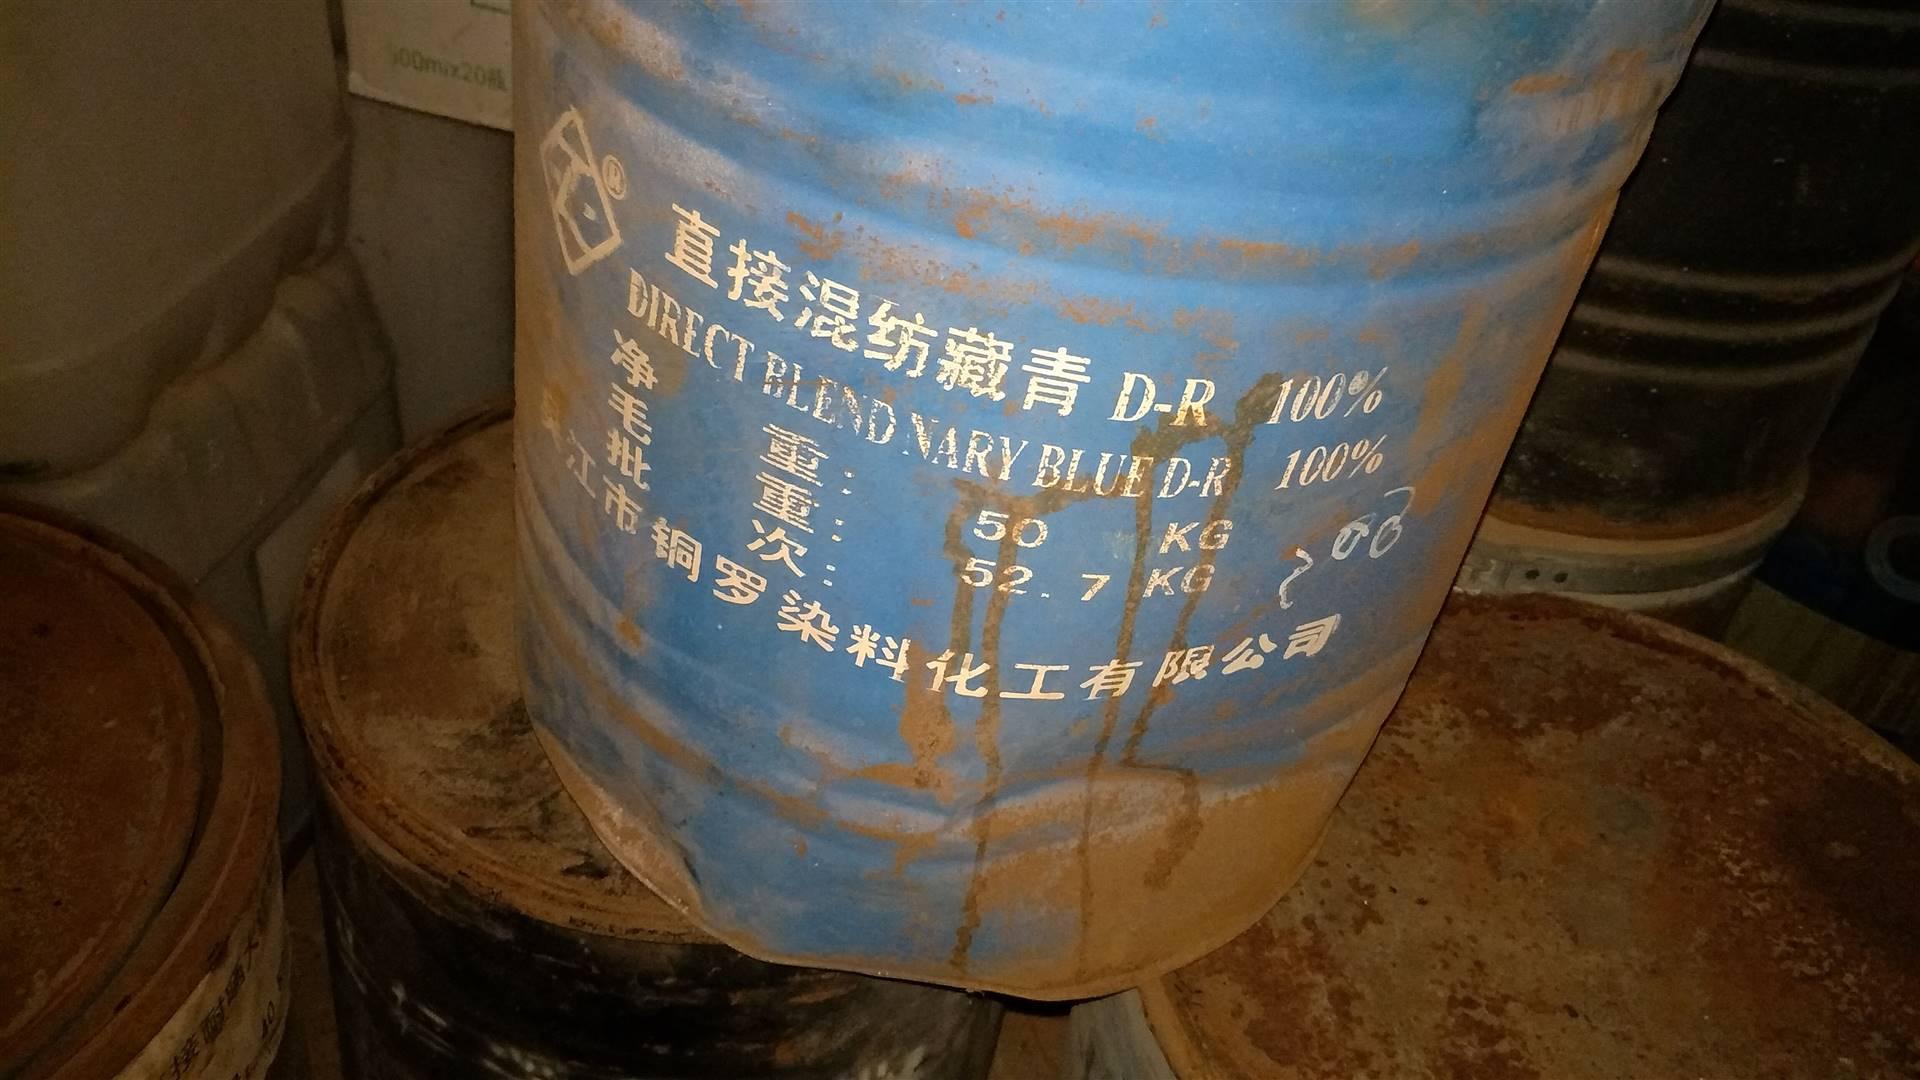 大量回收片碱 氢氧化钠回收 回收胶印油墨